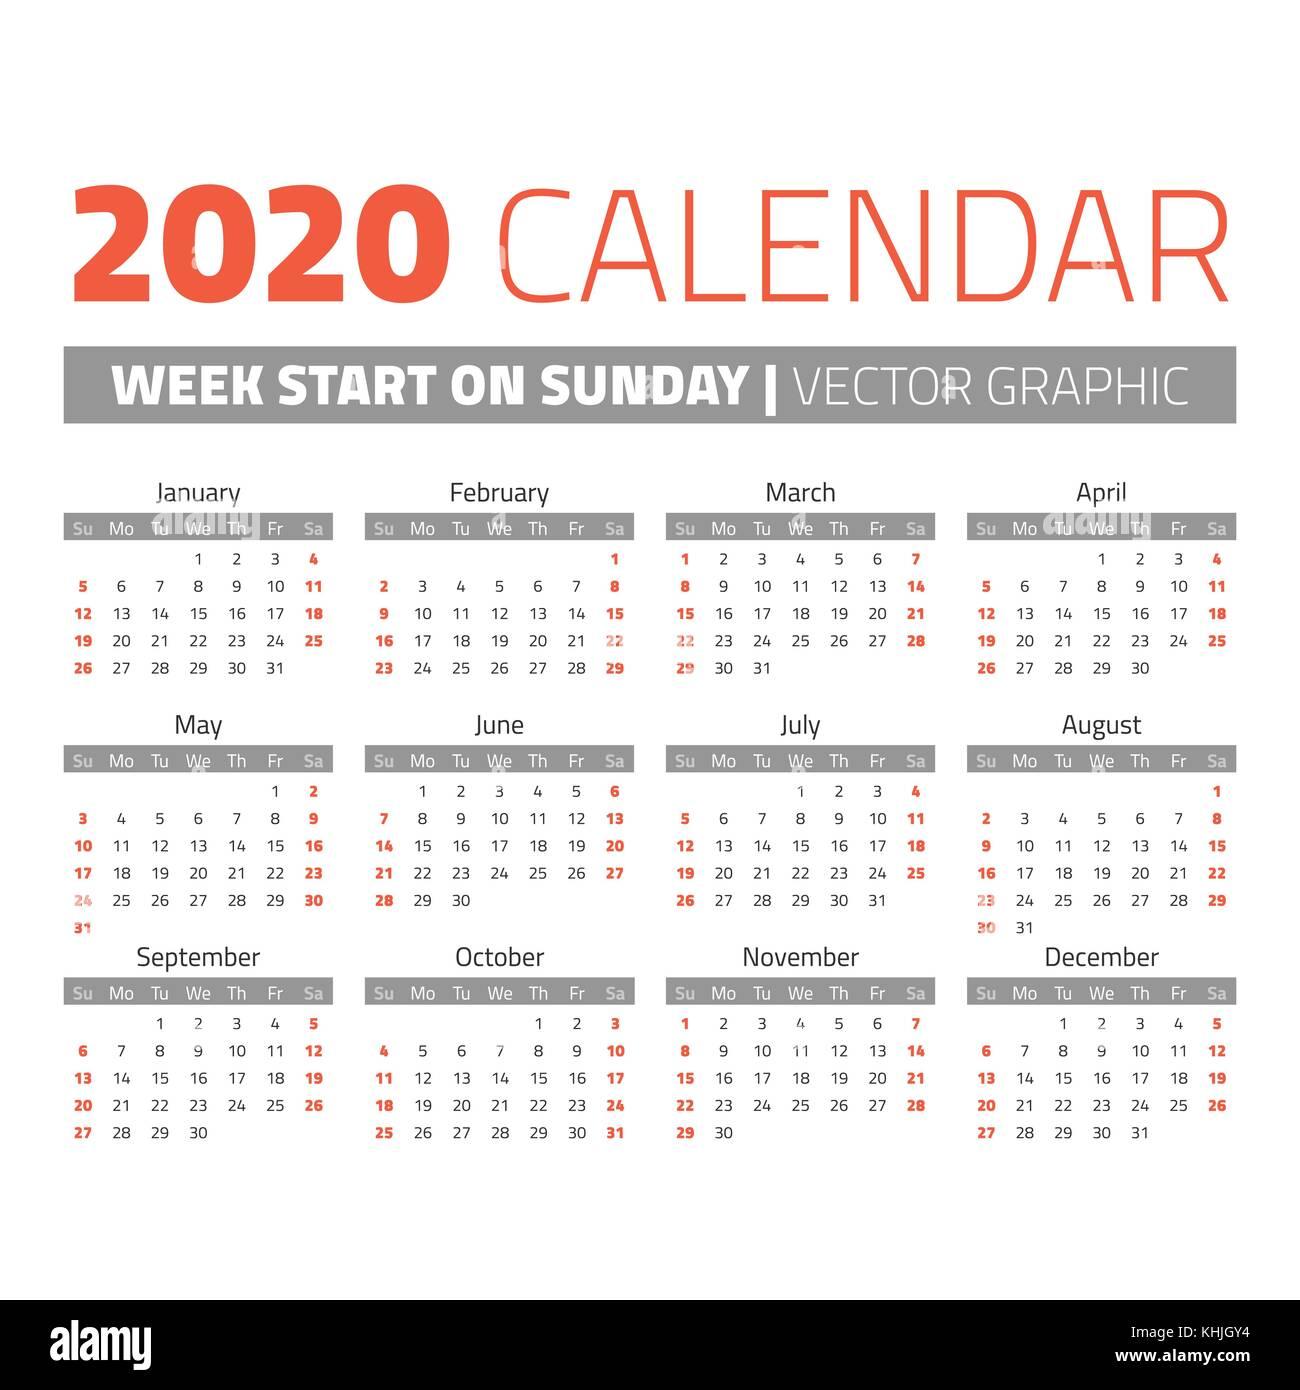 Settimane Calendario 2020.Semplice 2020 Anno Calendario Settimane Inizio Domenica